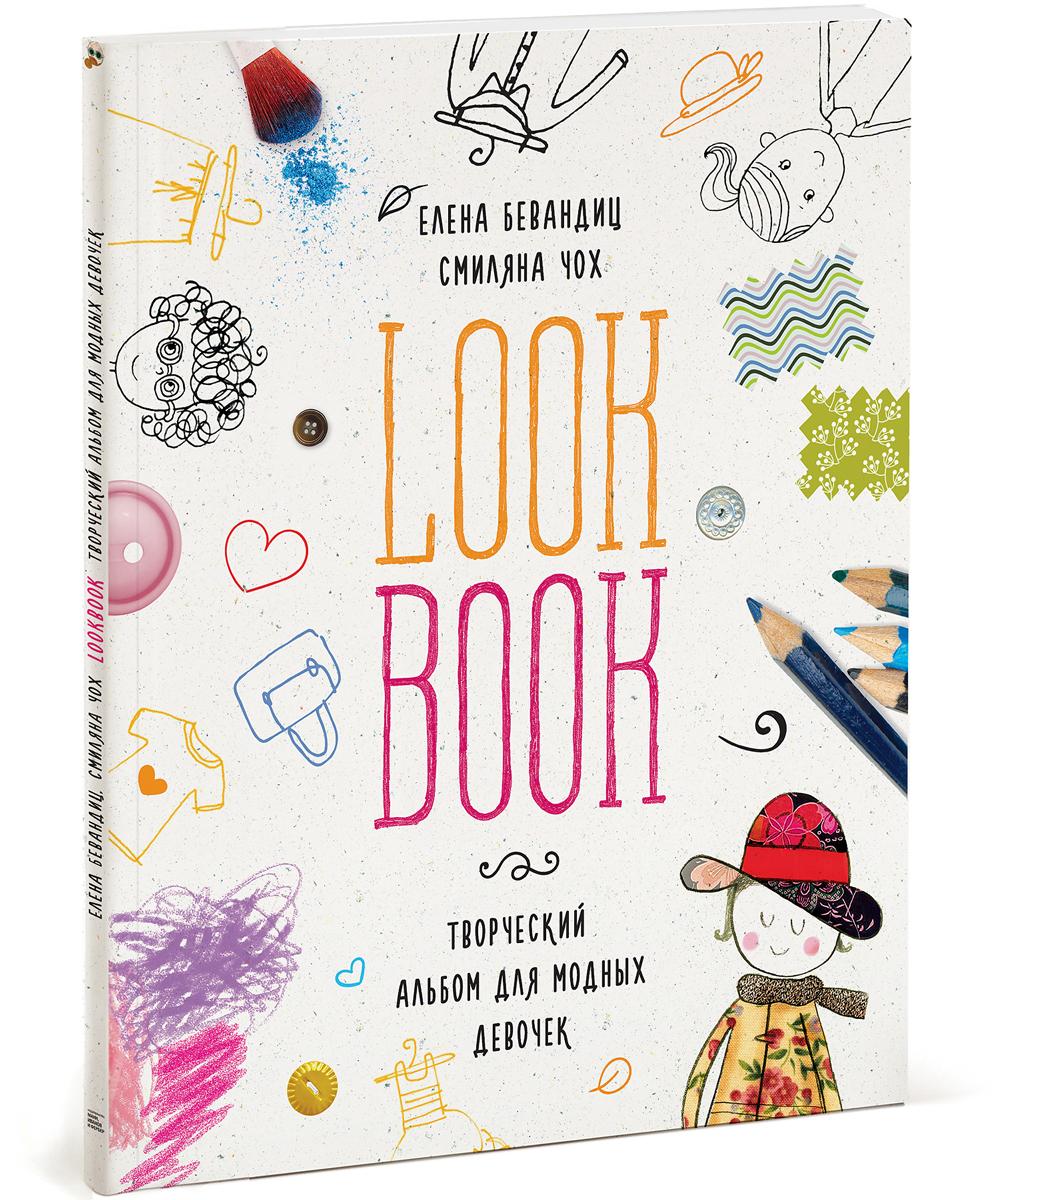 Lookbook. Творческий альбом для модных девочек12296407О книге Lookbook — это творческий альбом для девочек, которые любят рисовать и придумывать наряды. Шляпки, заколки, браслеты, бусы, платья, юбки, сарафаны, туфельки, сапожки — в этой книге, как в гардеробе настоящей модницы, можно найти все, что захочешь! Авторы альбома познакомят ребенка с разными стилями одежды, объяснят, из чего складывается образ, как правильно сочетать цвета. Ну и, конечно, здесь можно рисовать, делать коллажи и аппликации, придумывать узоры для тканей, экспериментировать с прическами и аксессуарами. Еще здесь можно даже накрасить моделям ногти настоящим лаком! Рисуйте, фантазируйте, а страницы альбома сохранят все идеи и эскизы юного модельера. Для кого эта книга Для девочек 5–8 лет.